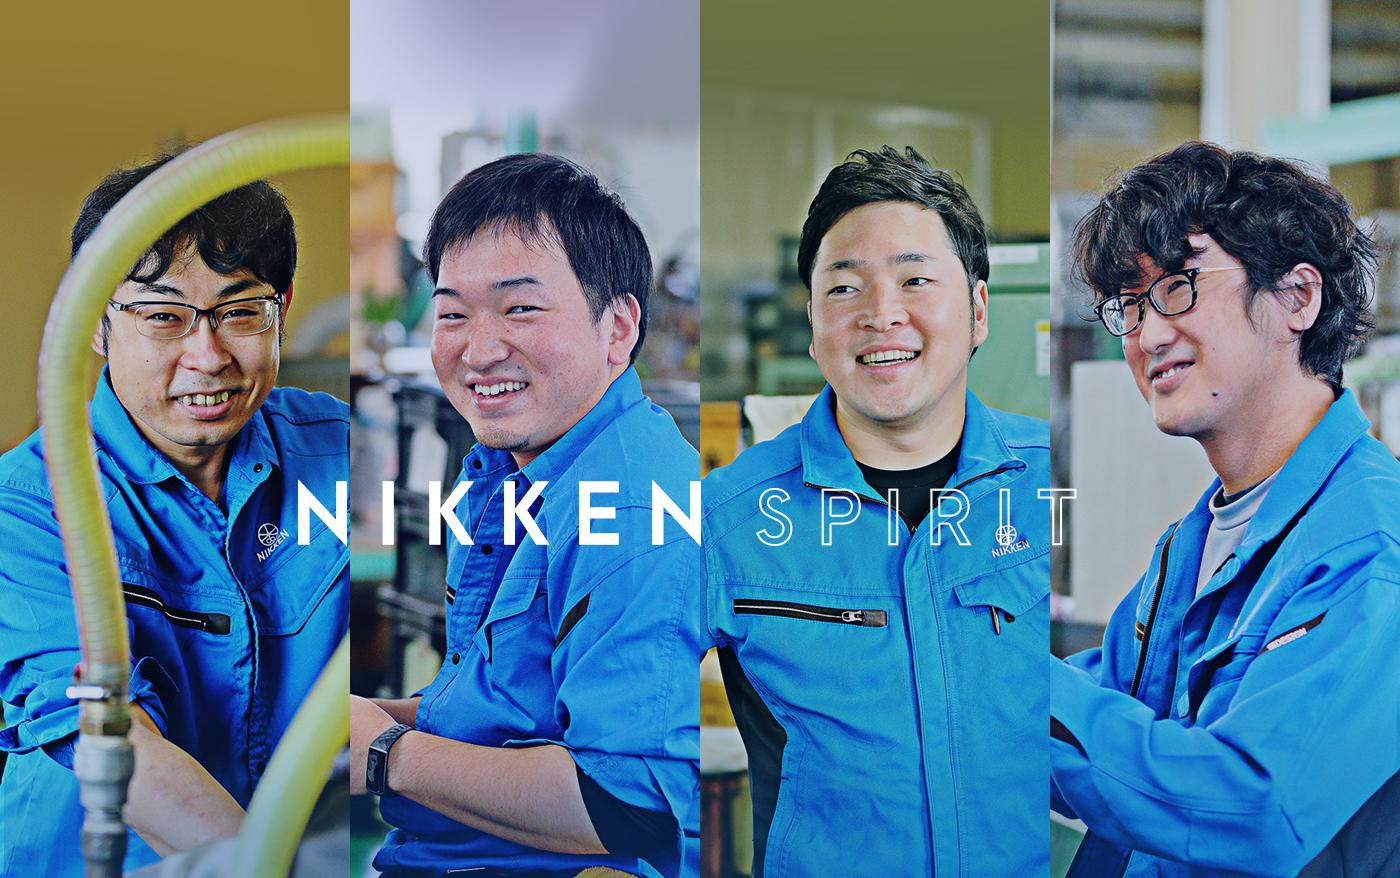 ニッケン刃物株式会社